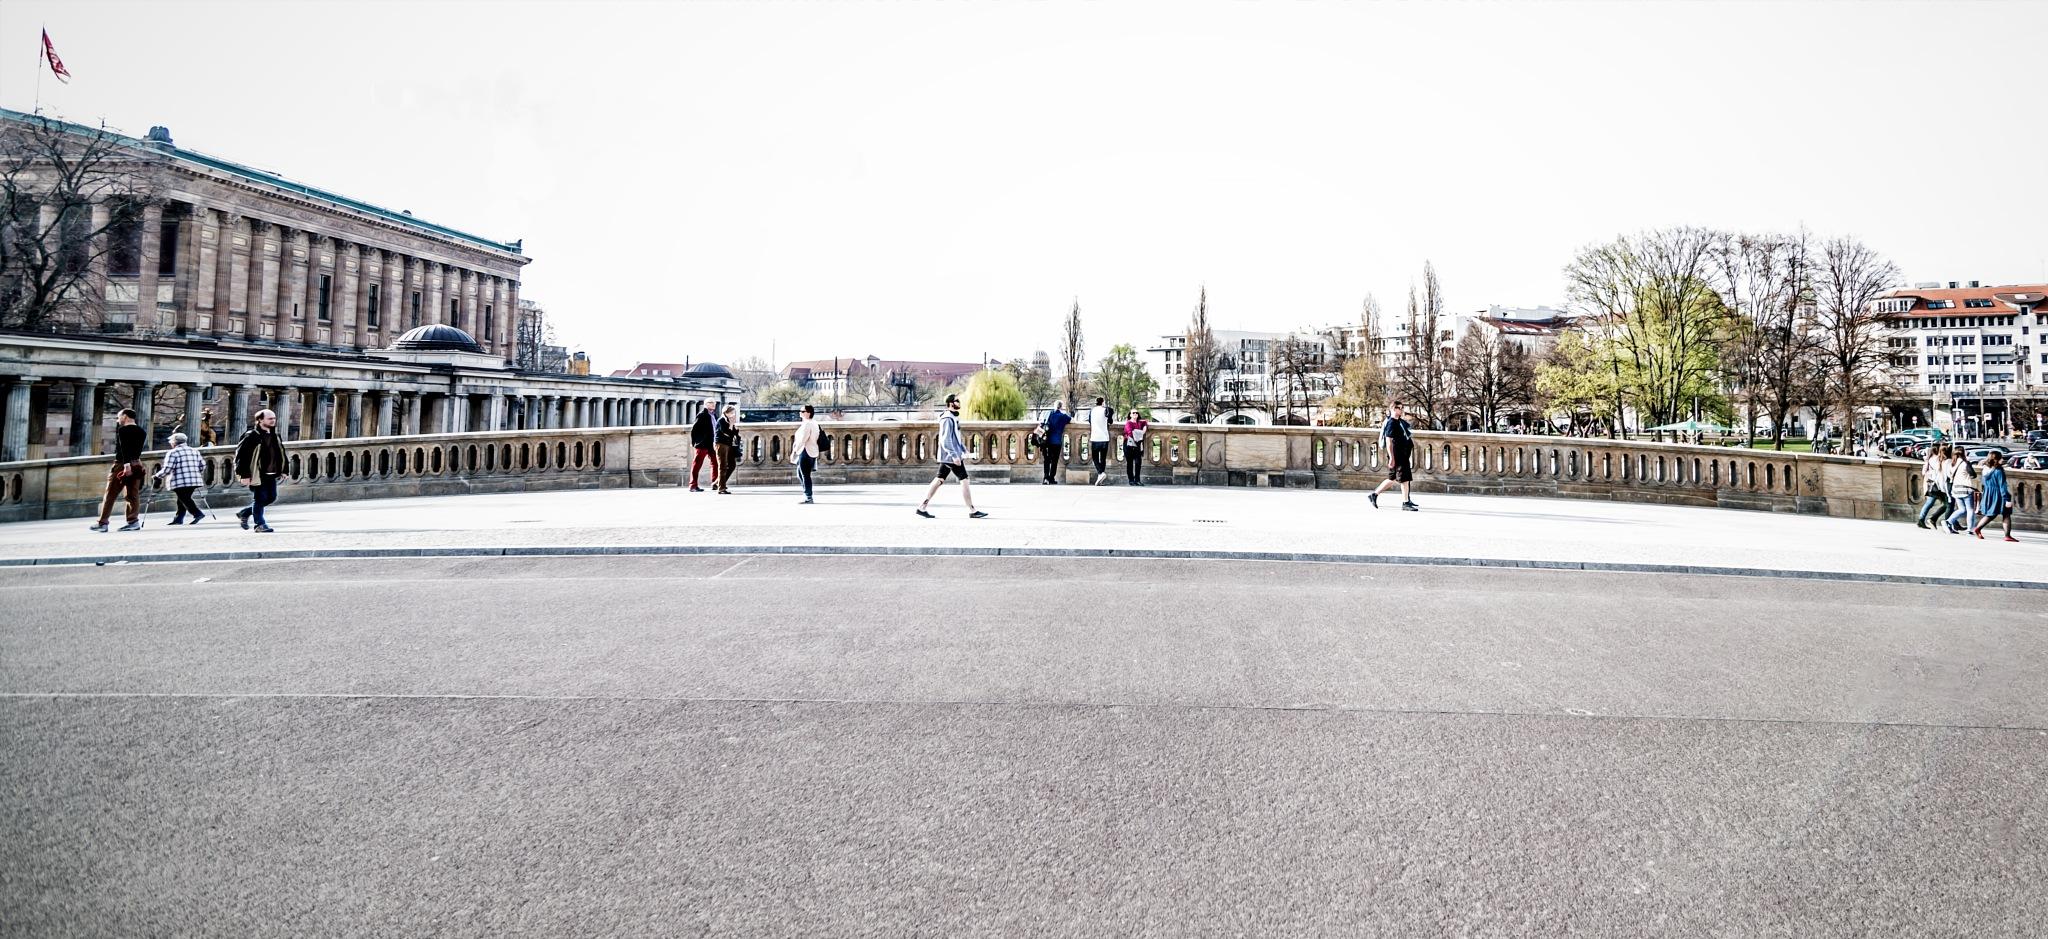 The bridge by DieterEin